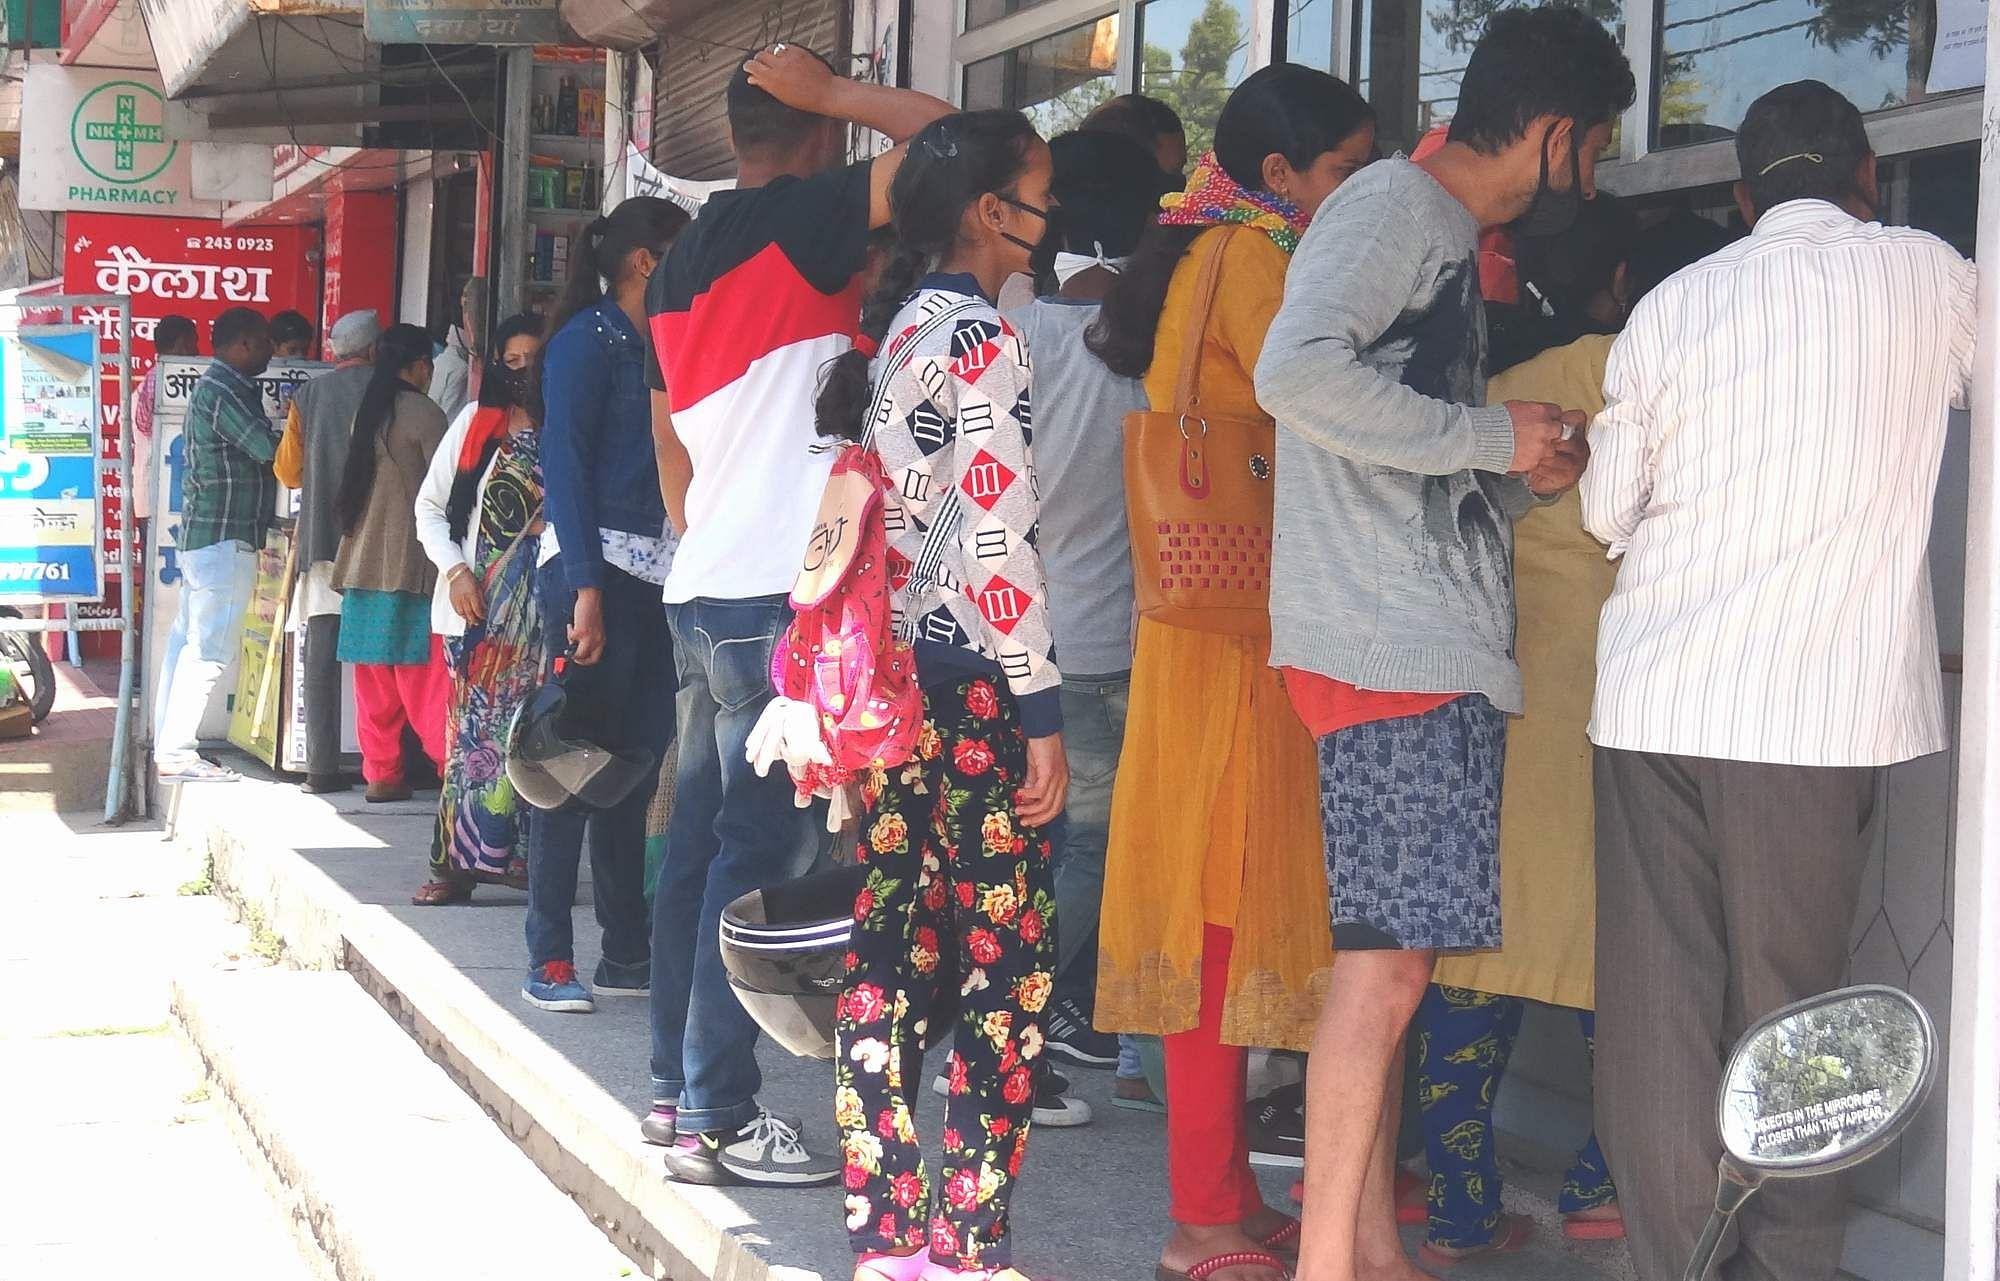 दोपहर 12 बजे देहरादून मार्ग स्थित मेडिकल स्टोर पर आवश्यक सेवा के उमड़ी भीड़।